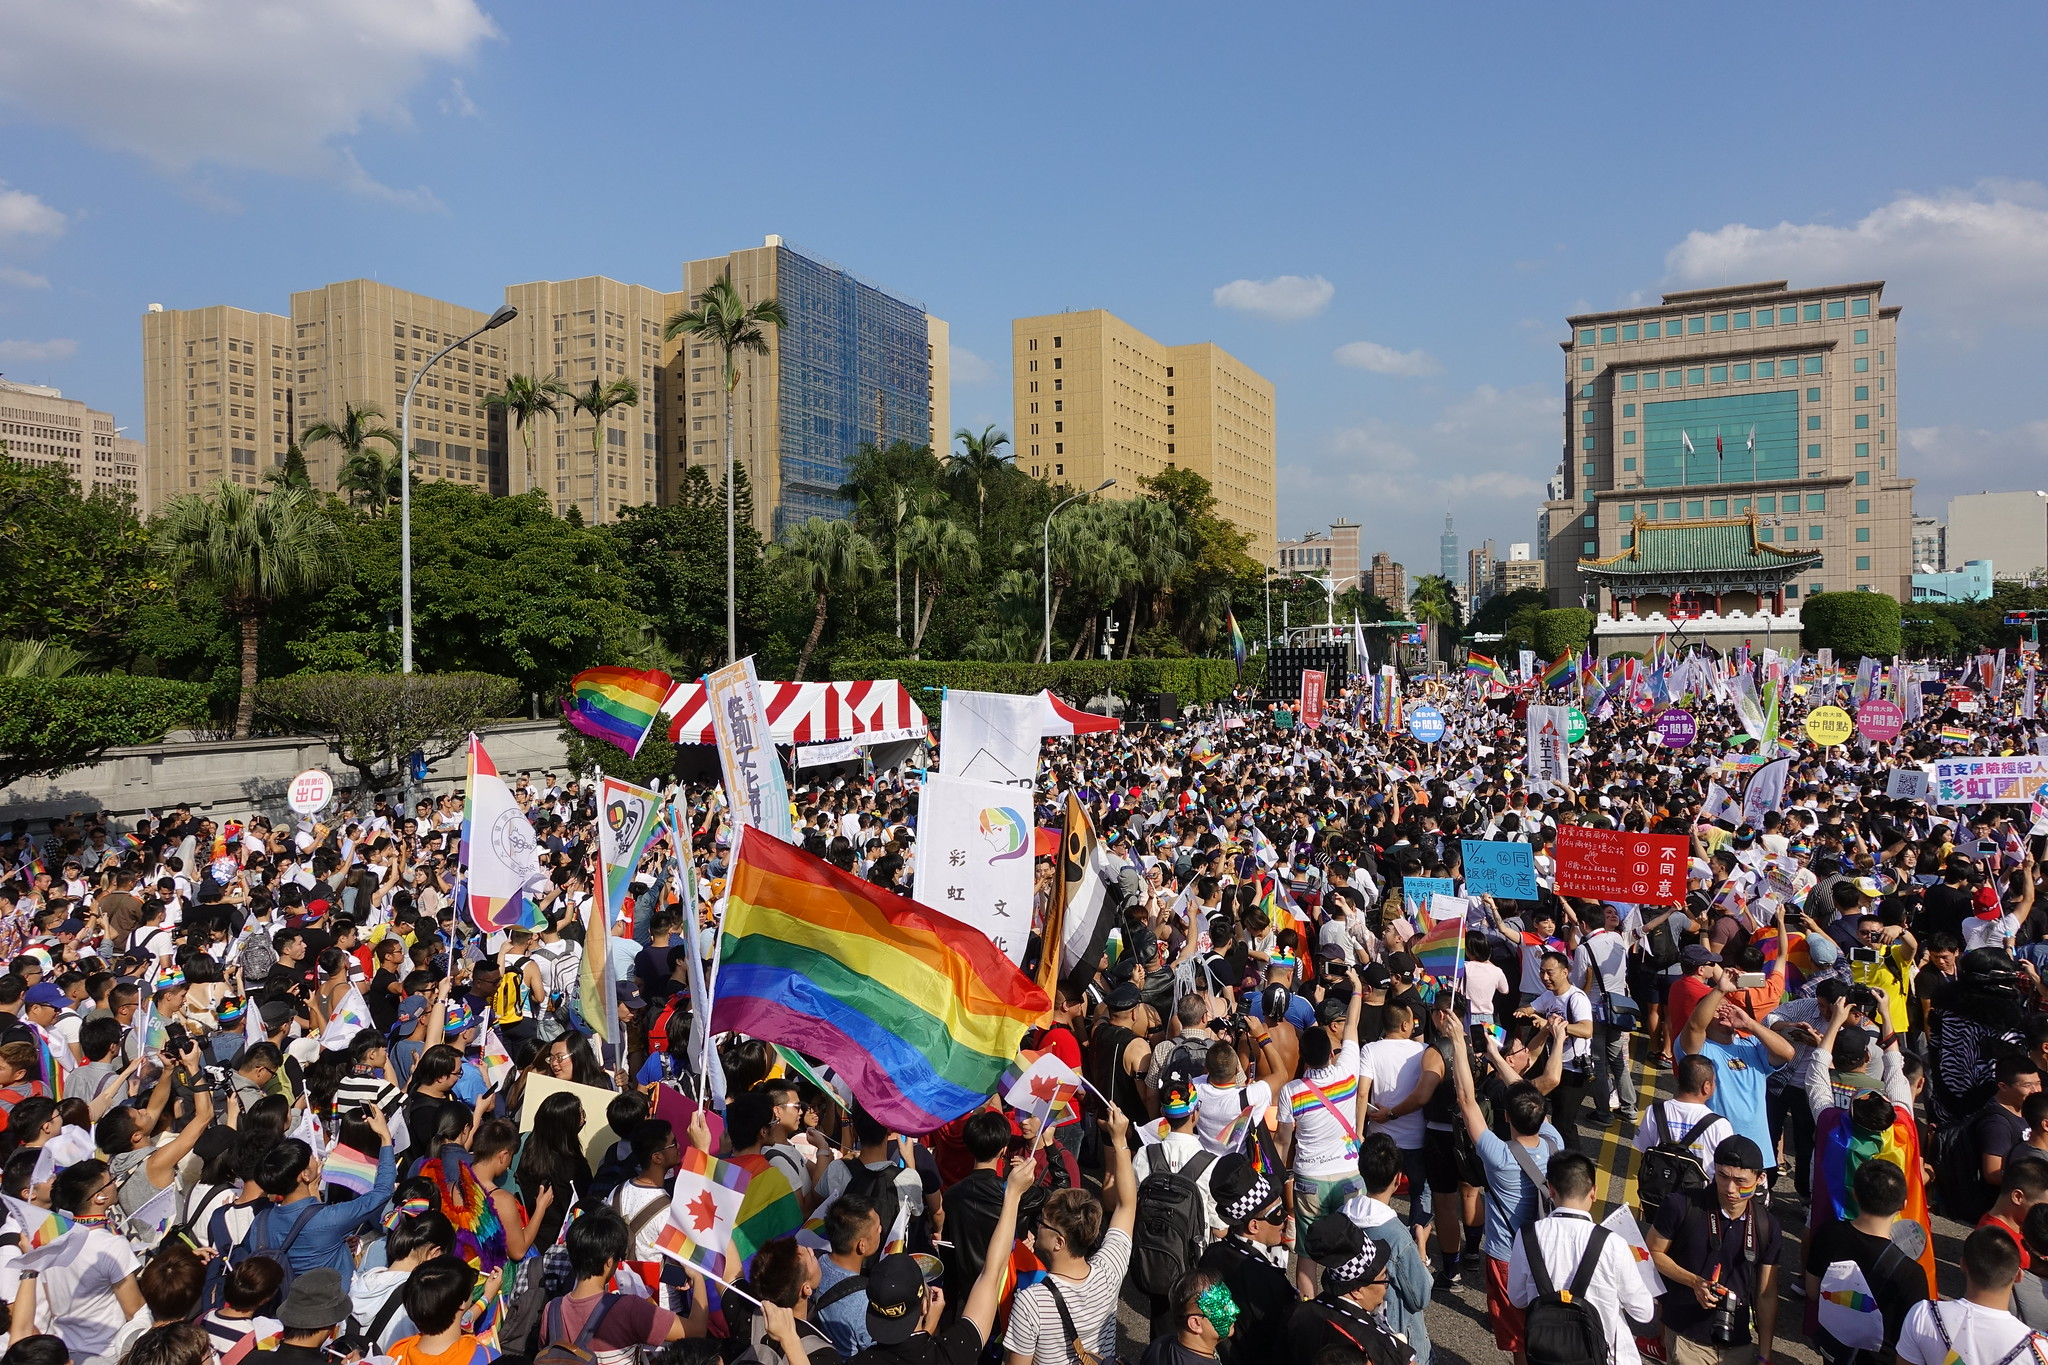 今年同志遊行人數再度創下歷史新高。(攝影:張智琦)